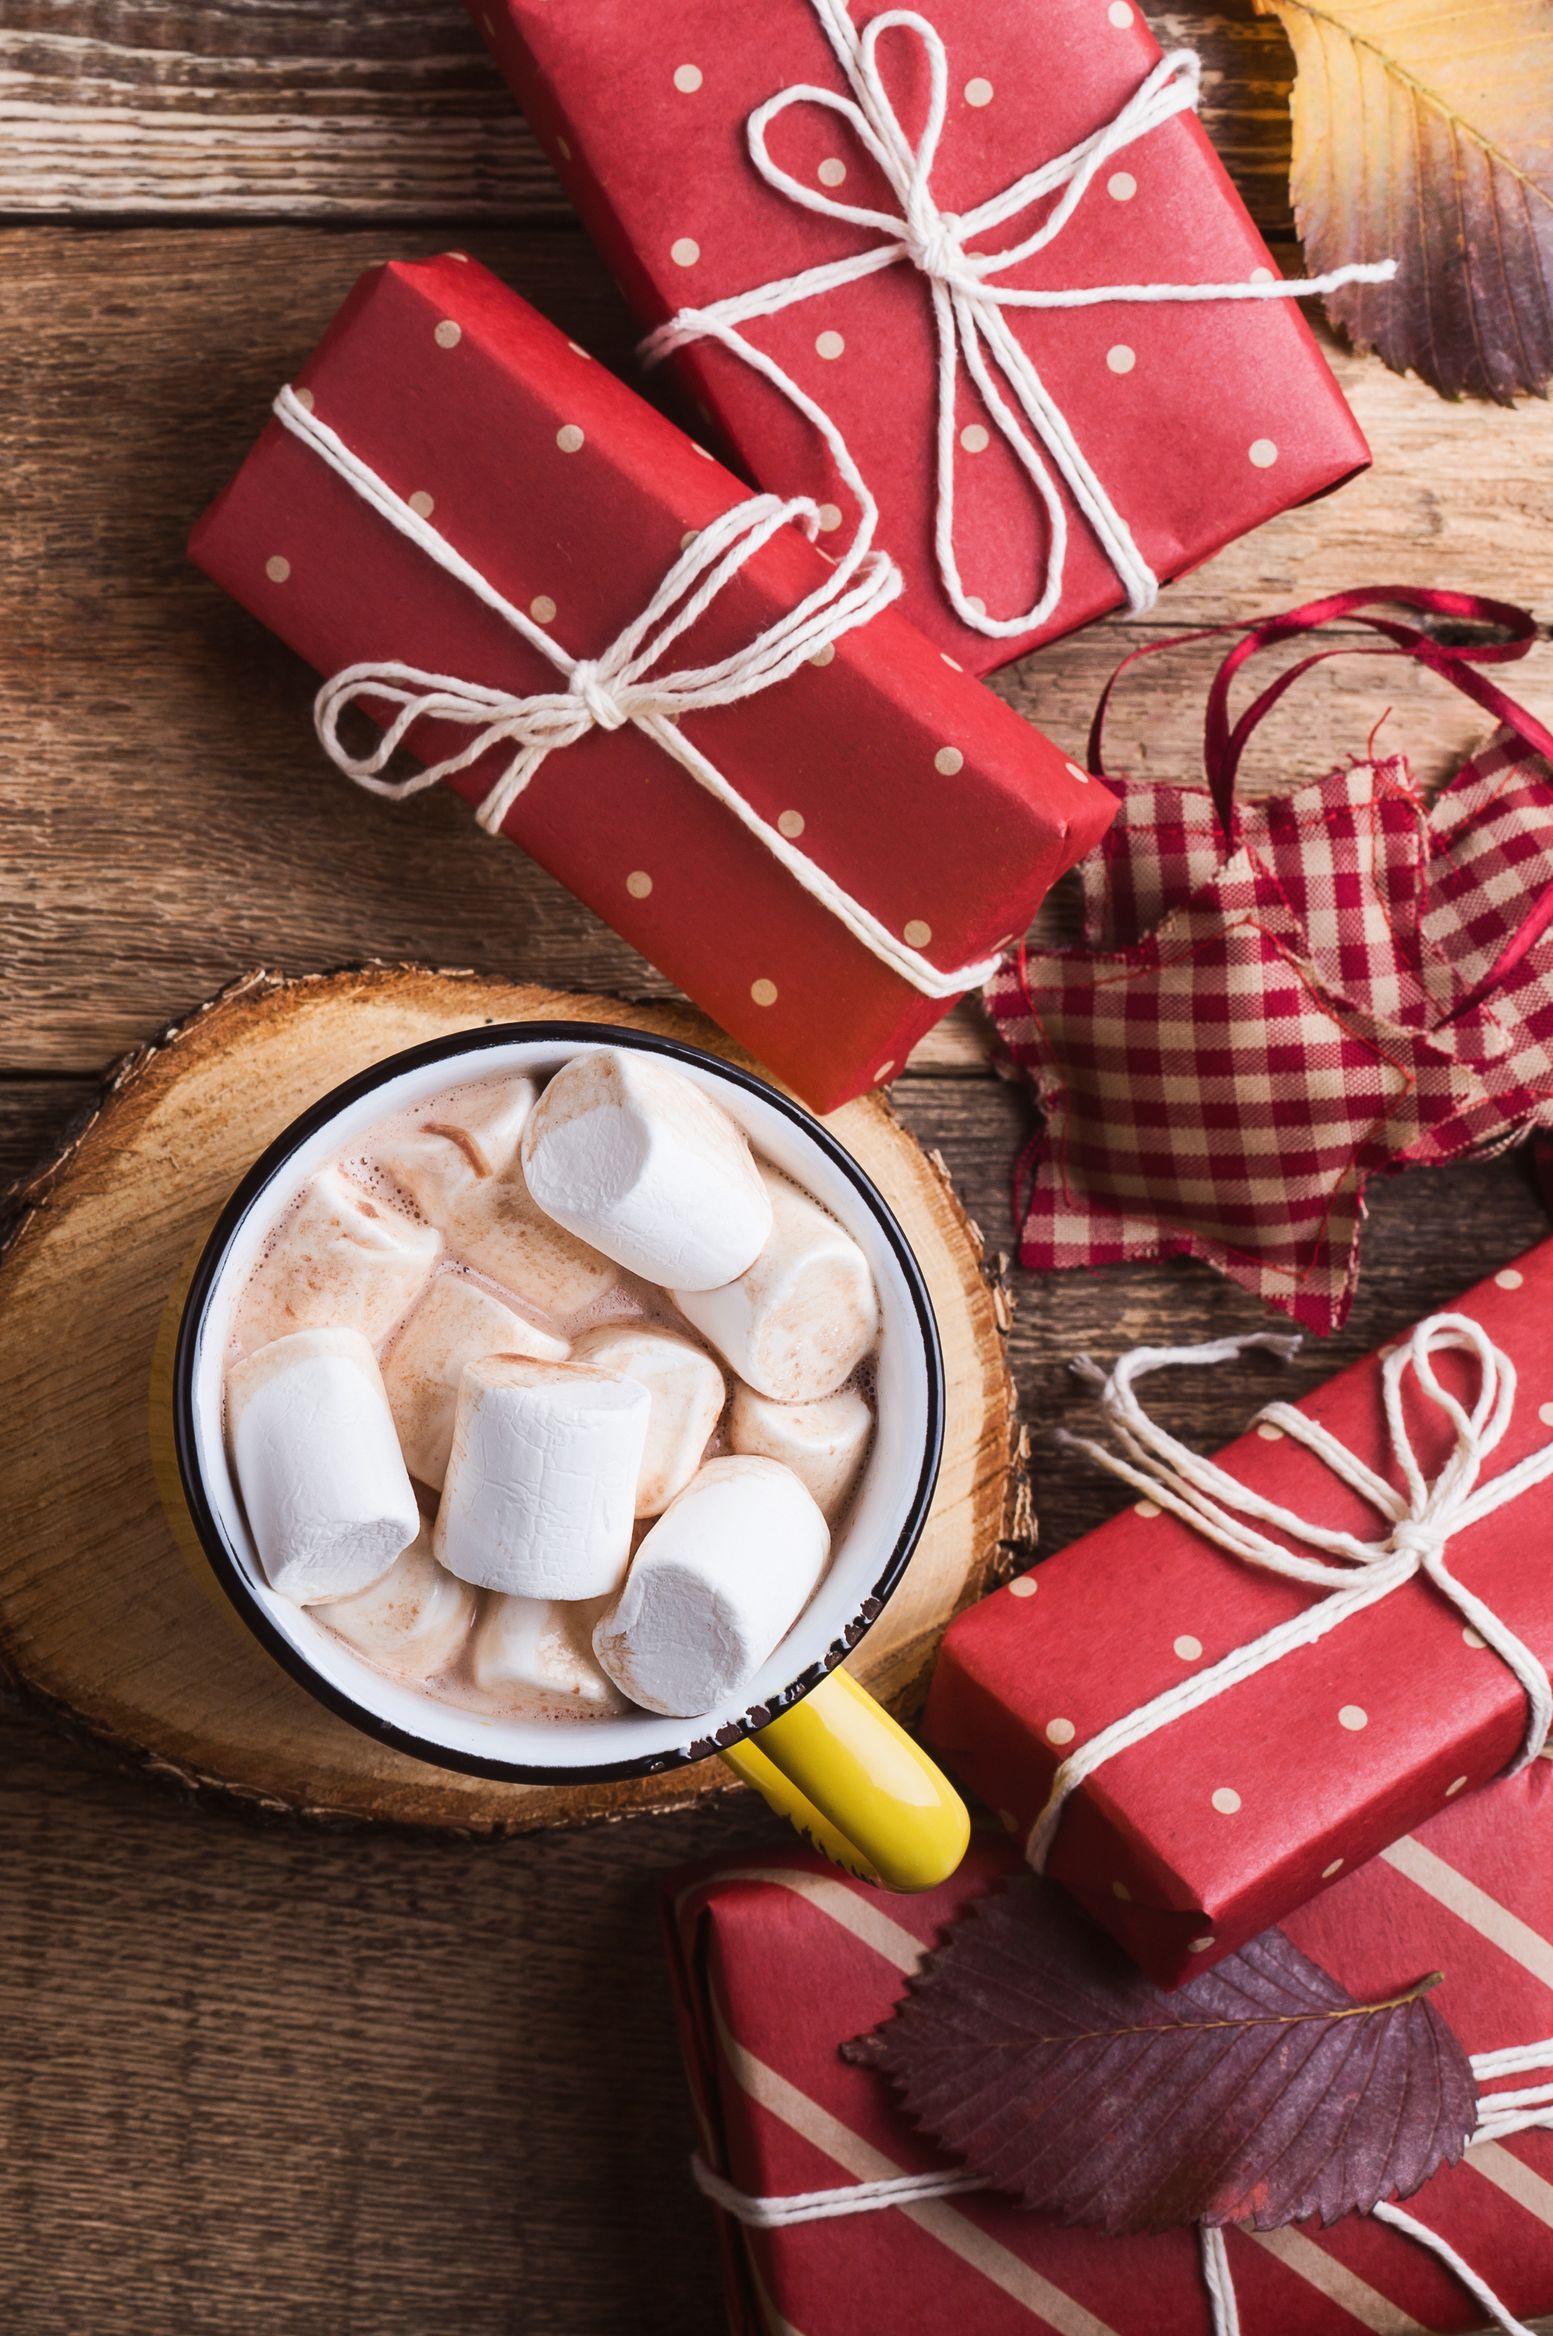 Christmas bible verses Mug of hot chocolate and Christmas gift boxes